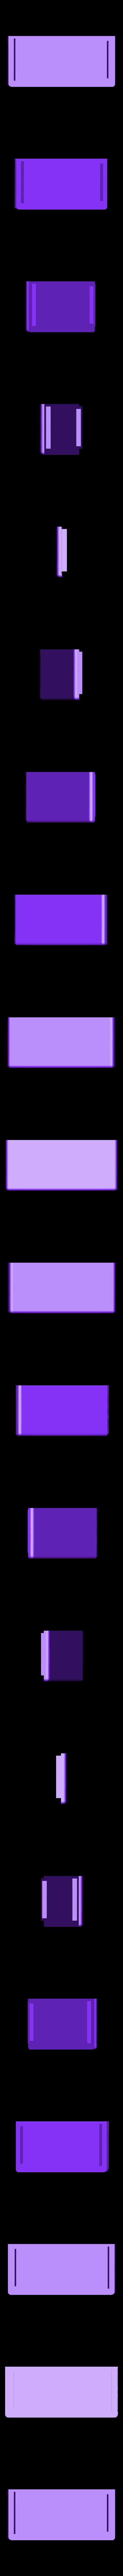 skrin vrch.stl Download STL file  cabinet • 3D printable object, Amador